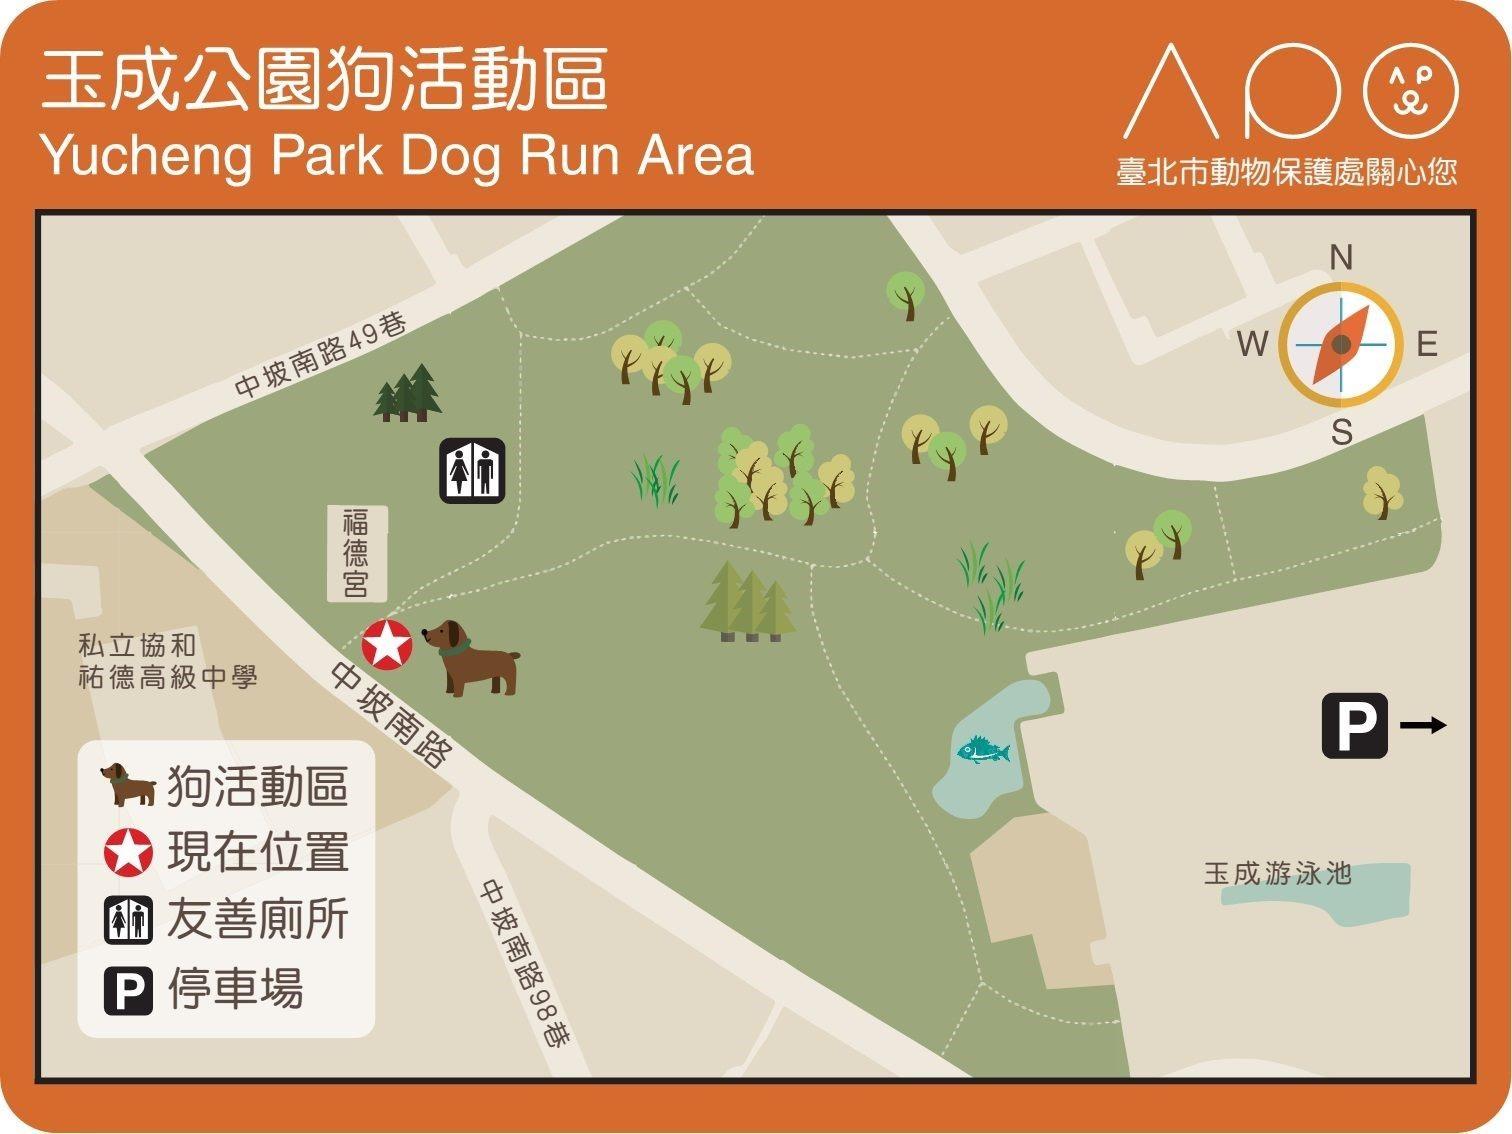 玉成公園狗活動區地圖